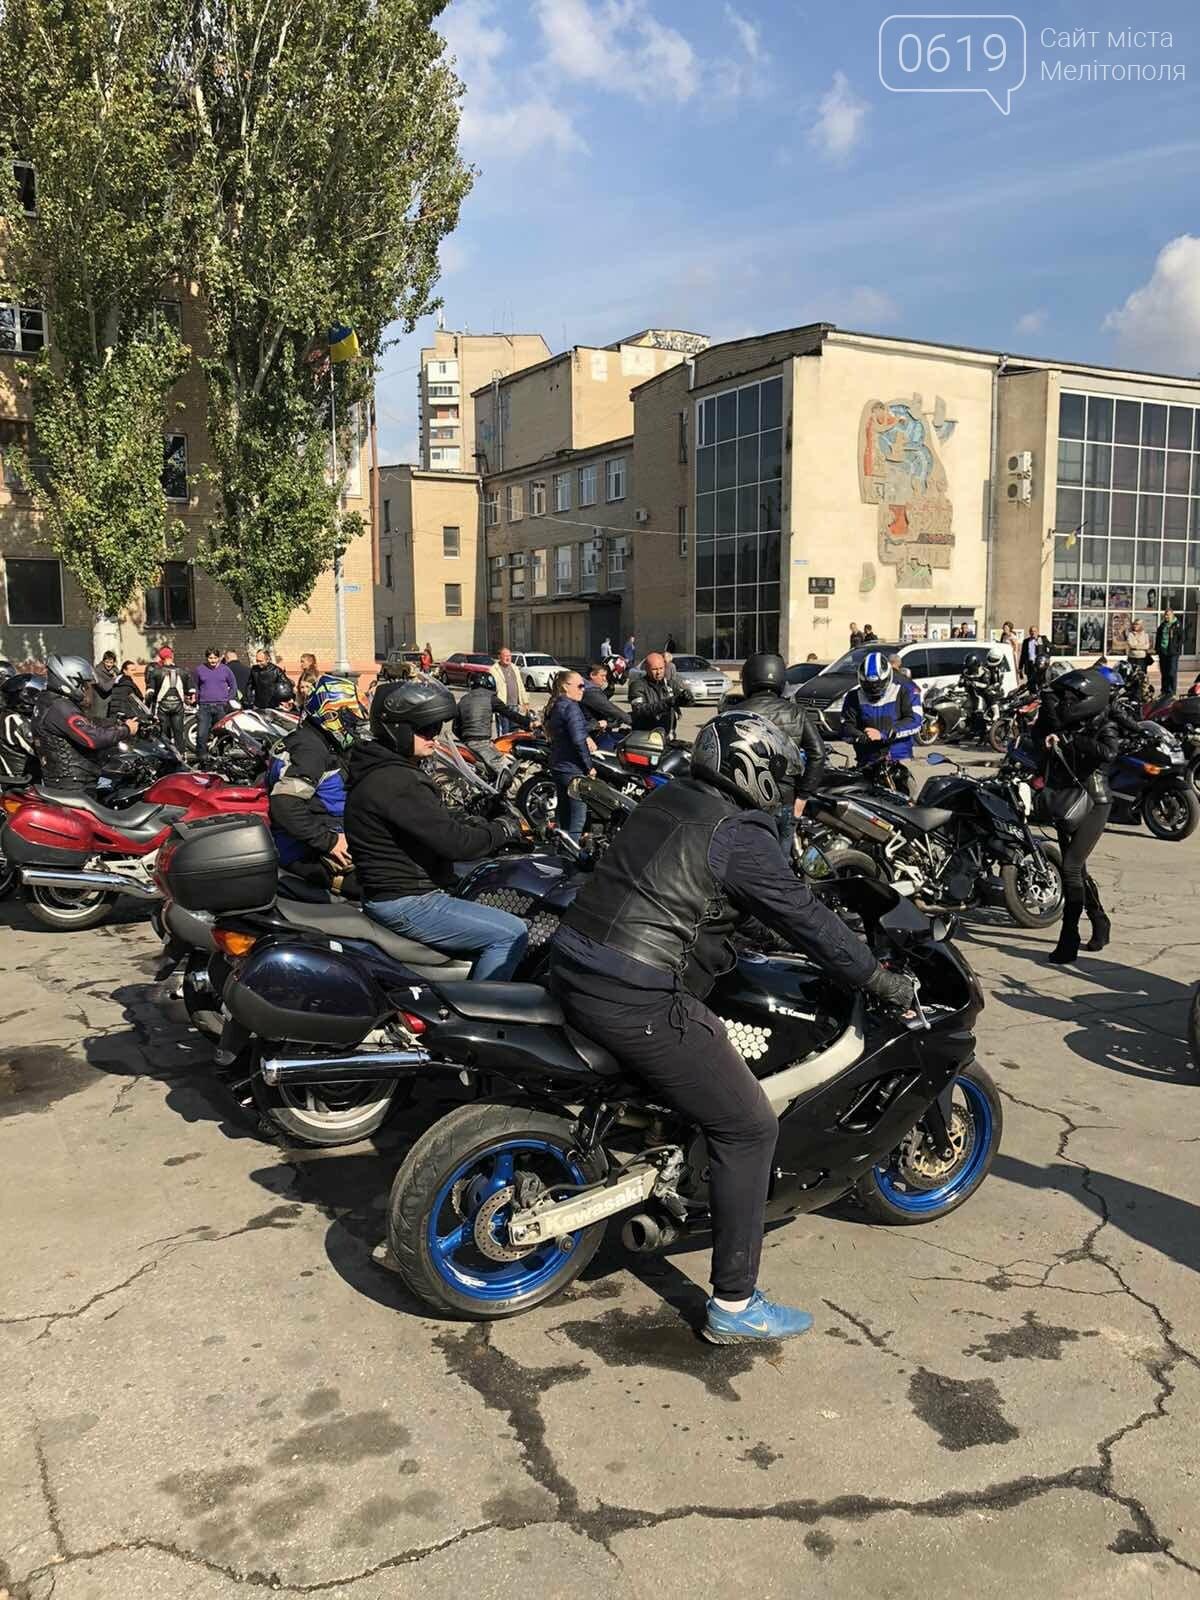 Байкеры проехали колонной по Мелитополю в честь закрытия мотосезона, - ФОТО, фото-12